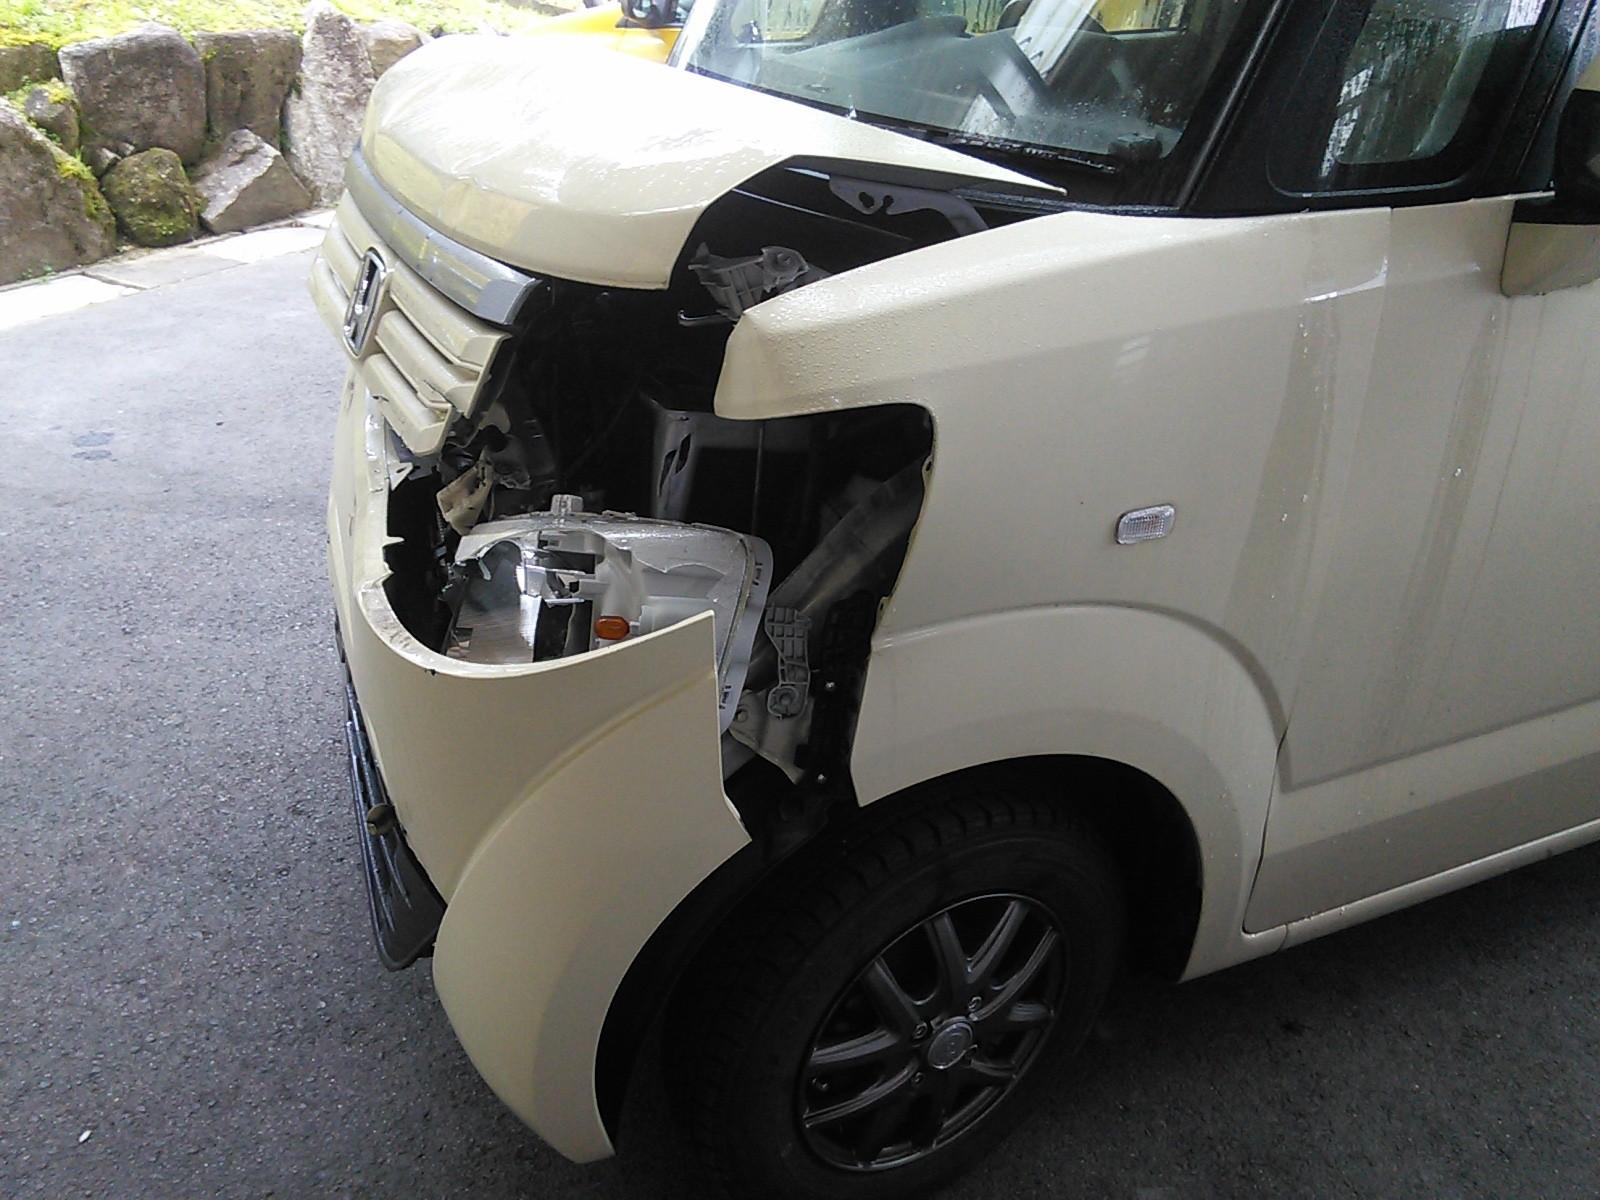 N-BOX 廃車? 何とか1週間で完成  豊田市  板金塗装